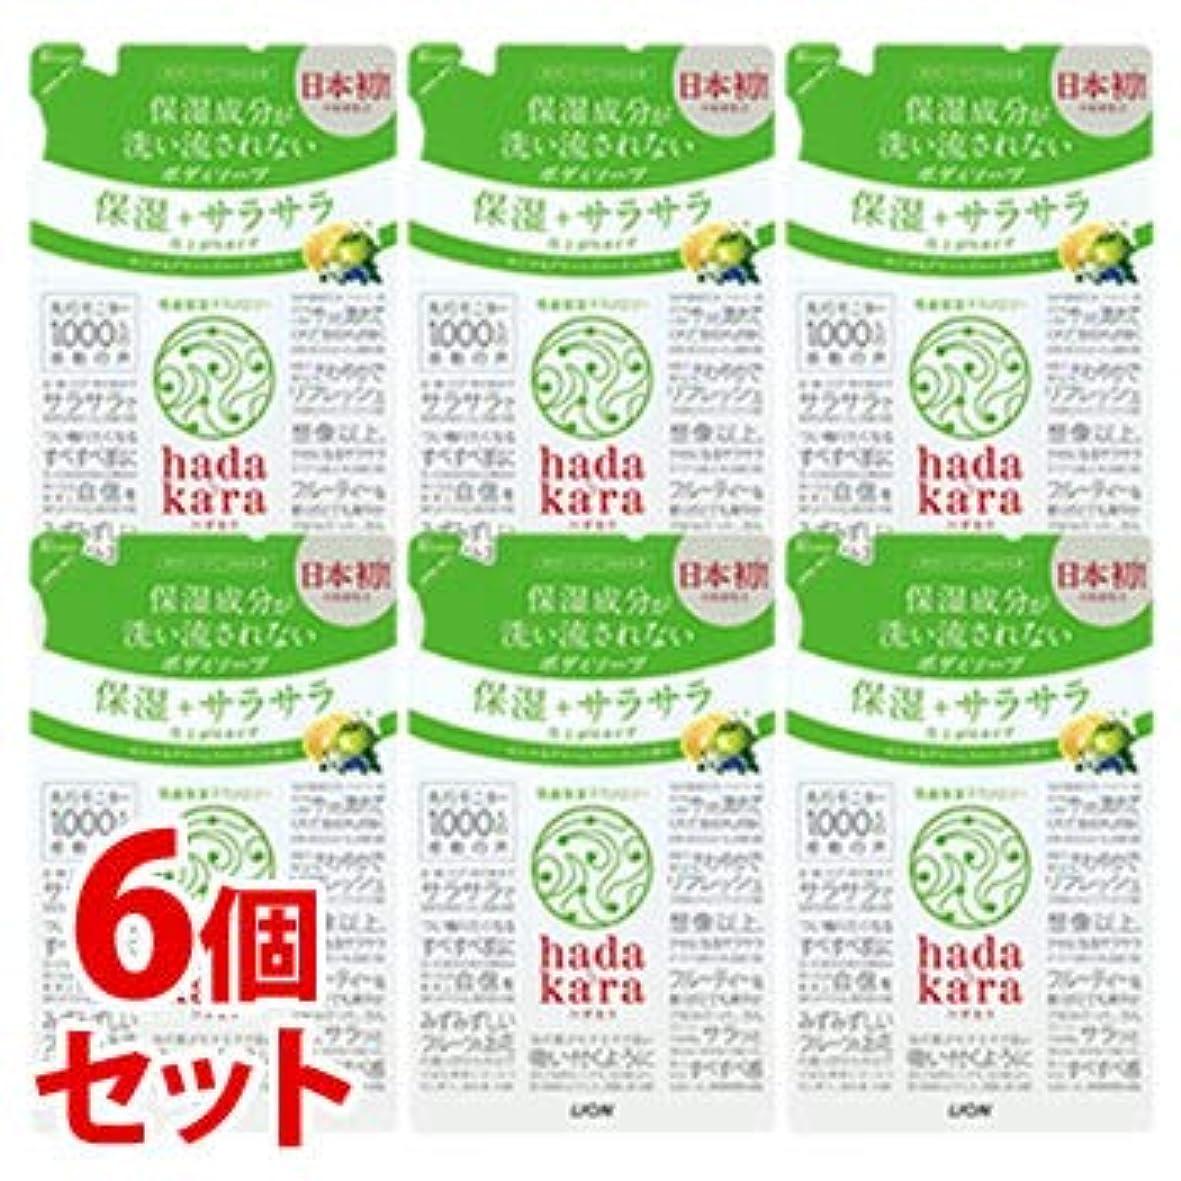 カヌー会議狂った《セット販売》 ライオン ハダカラ hadakara ボディソープ 保湿+サラサラ仕上がりタイプ グリーンフルーティの香り つめかえ用 (340mL)×6個セット 詰め替え用